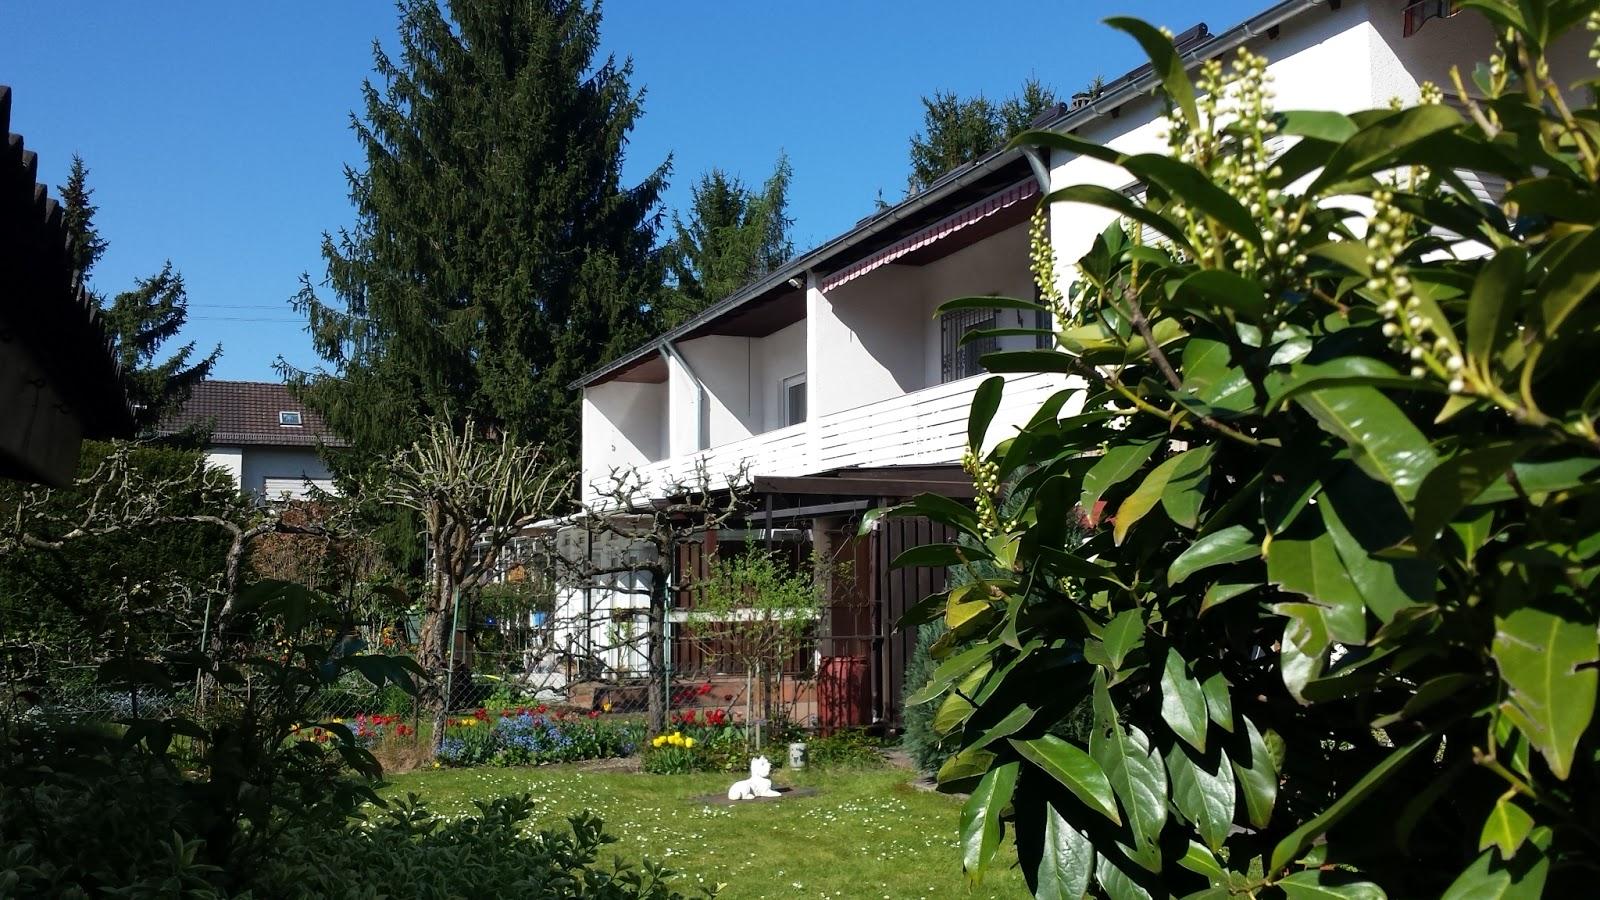 Hausen typische Reihenhäuser und Gärten in der Willi Brundert Siedlung 19 04 2015